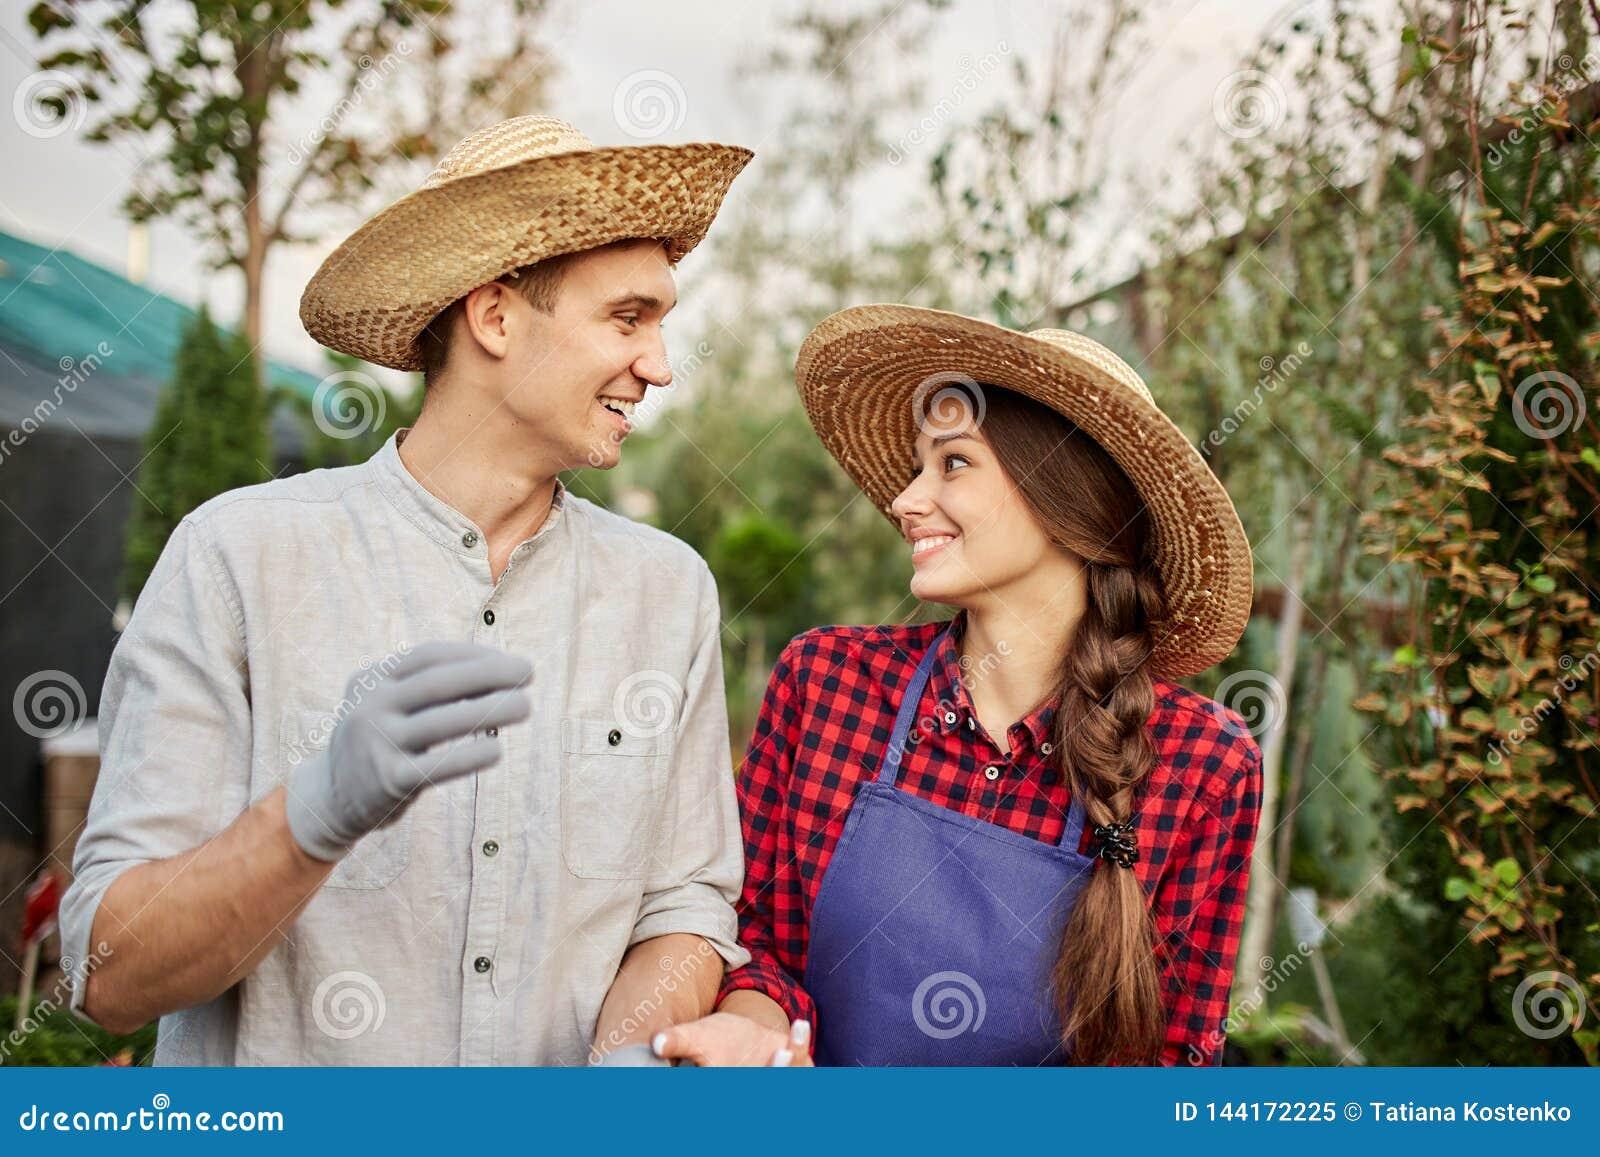 Uśmiechnięte faceta i dziewczyny ogrodniczki w słomiani kapelusze patrzeją do siebie w ogródzie na słonecznym dniu